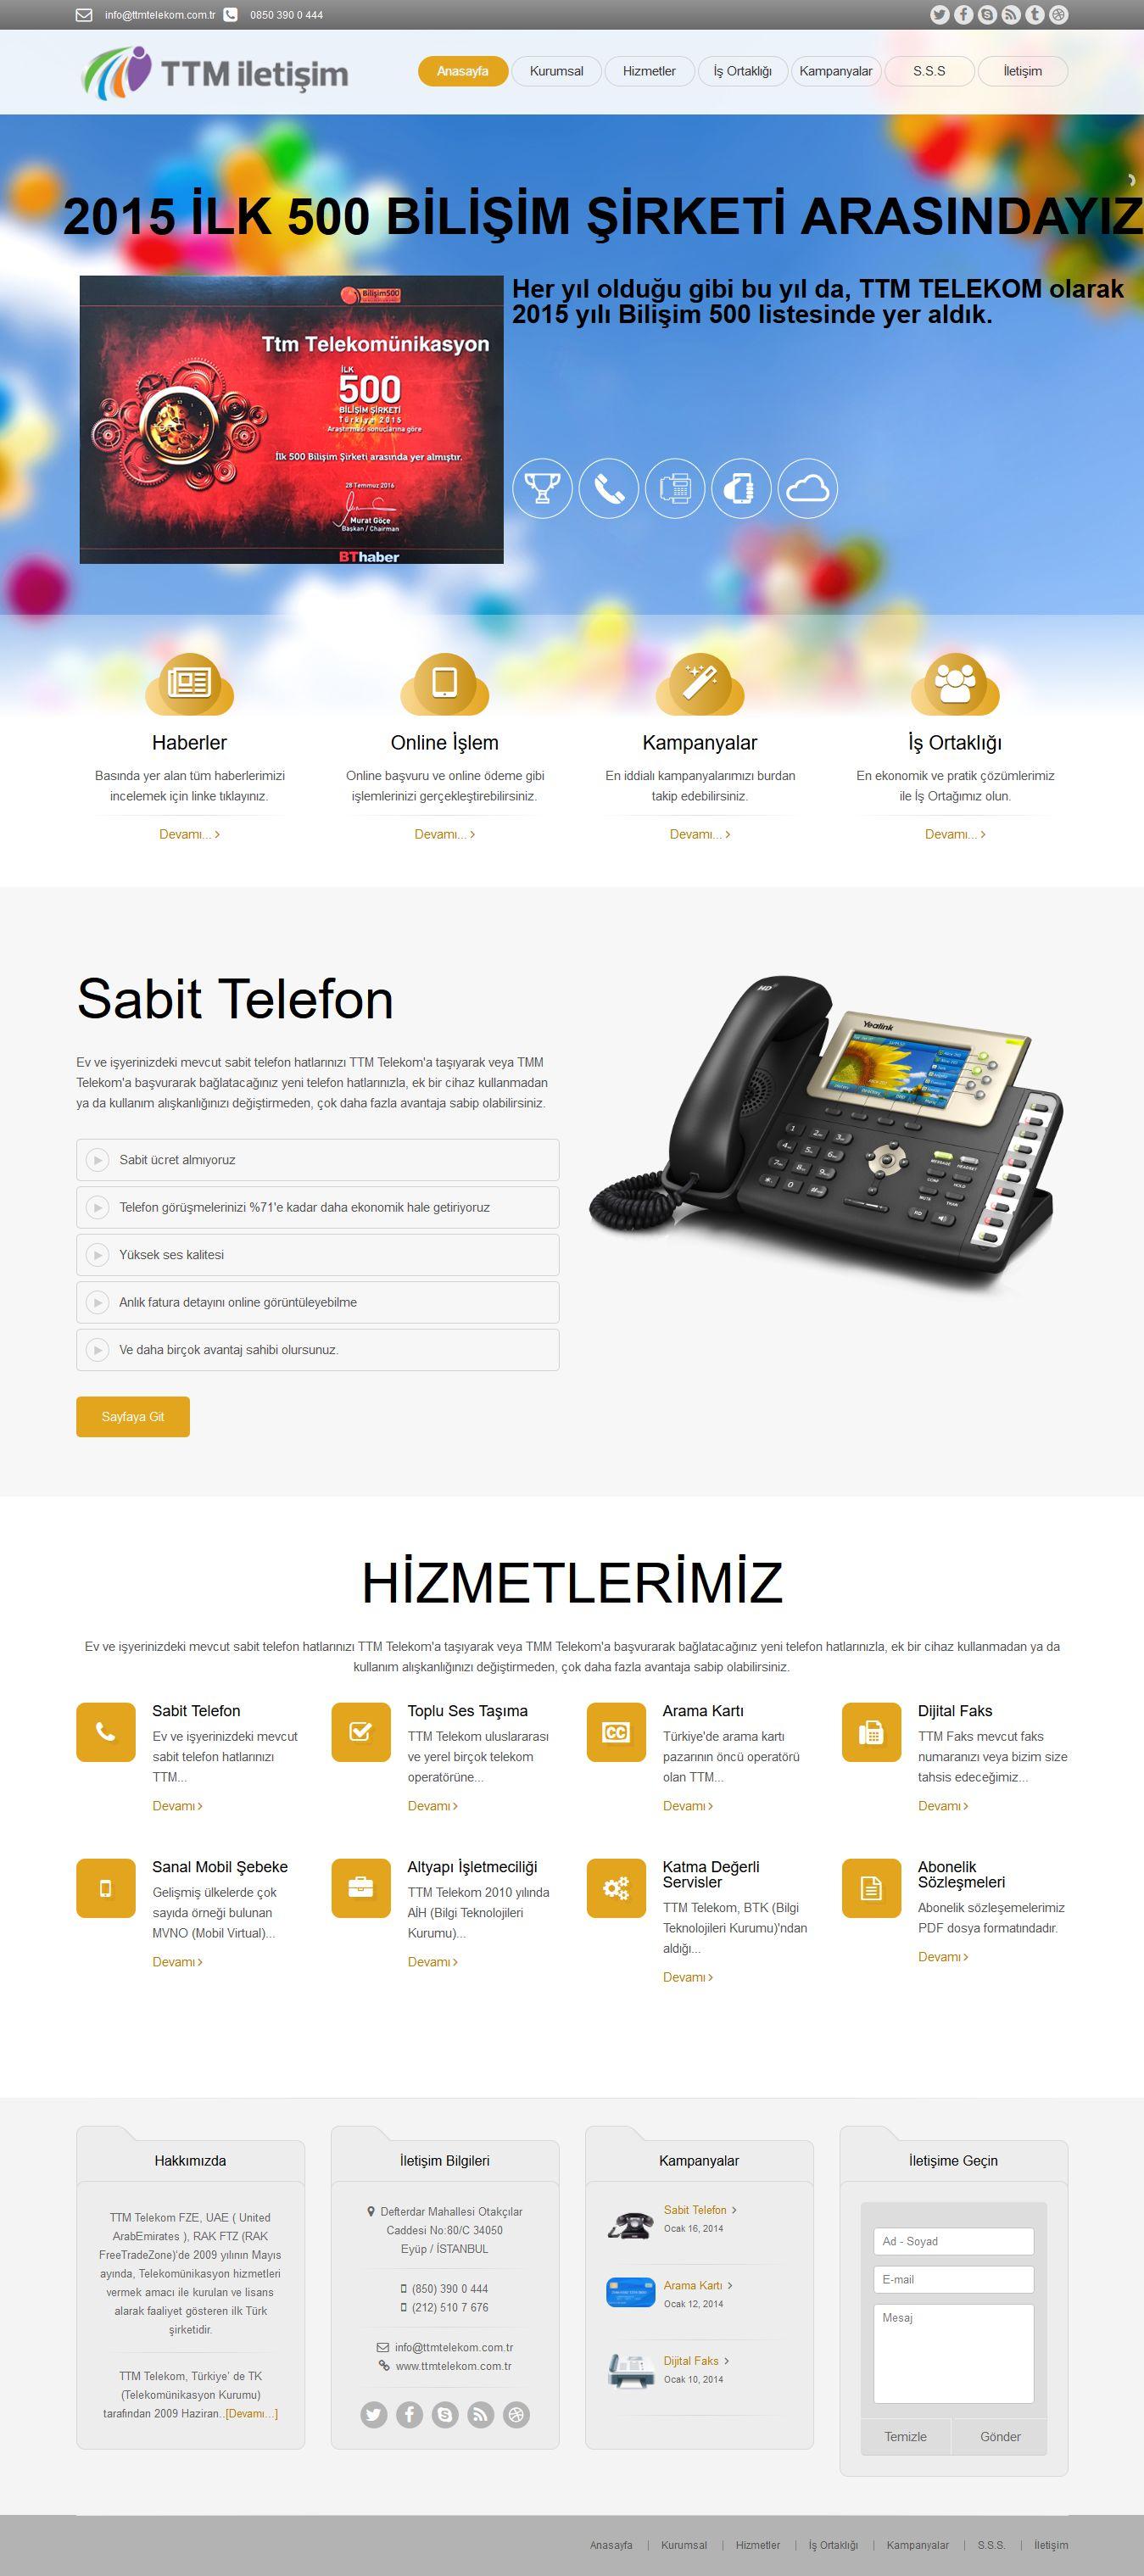 Ttm Telekom A.ş - www.ttmiletisim.com.tr